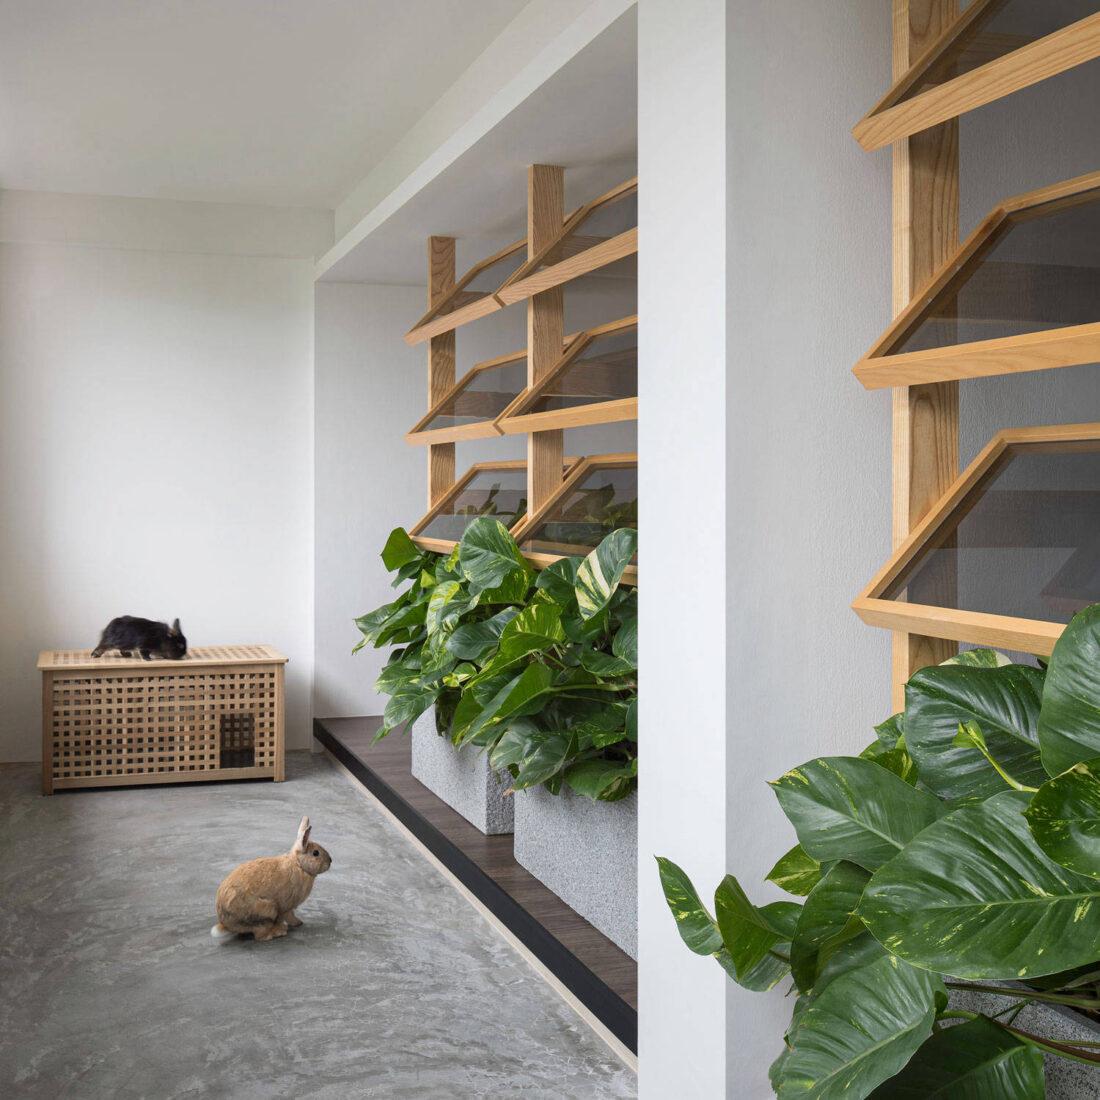 pet friendly interior design by Right Angle Studio